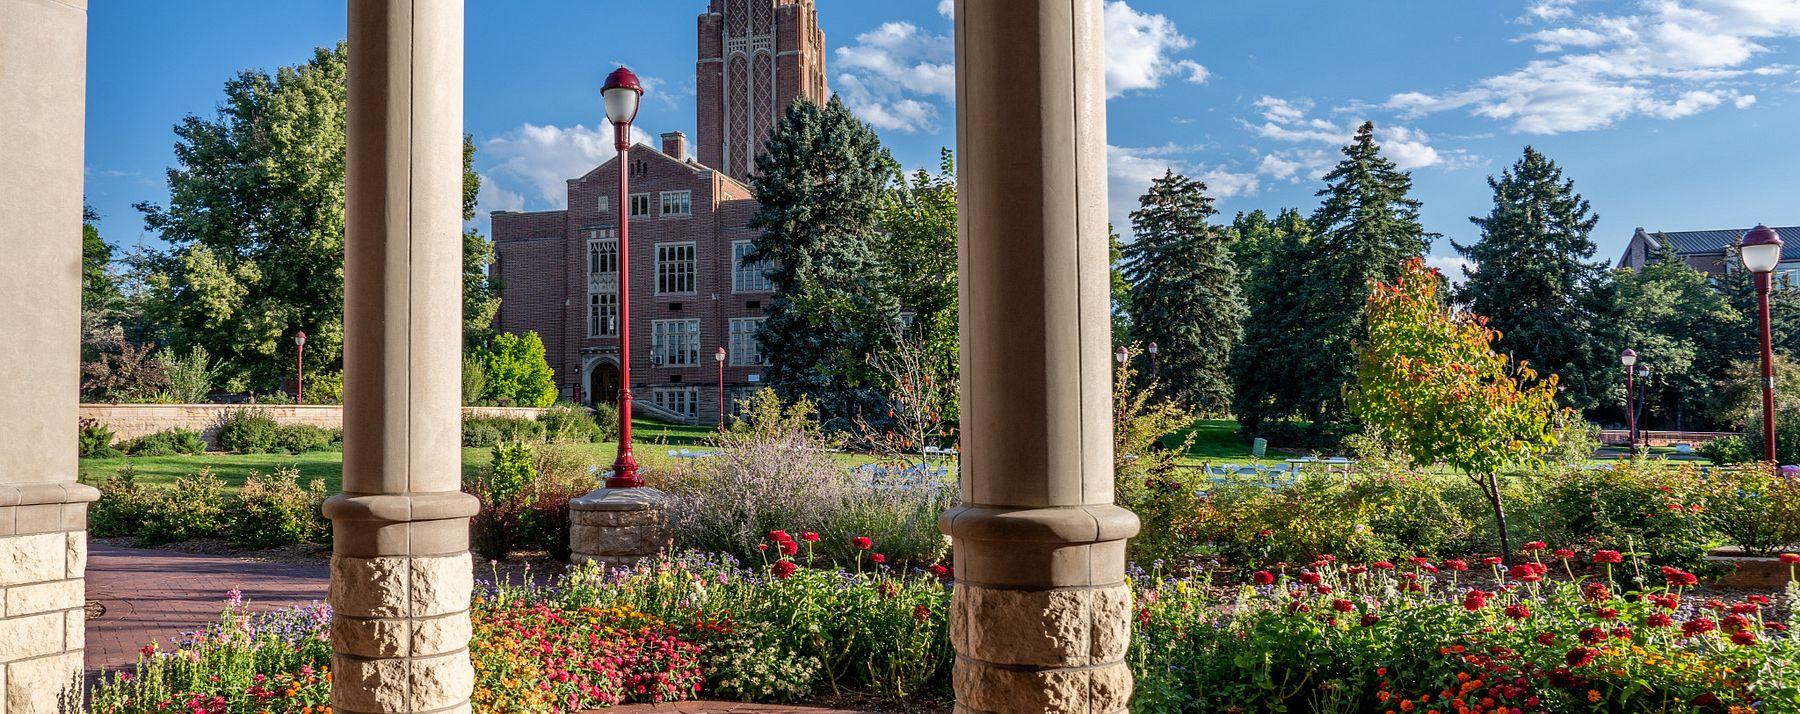 campus shot behind stone columns